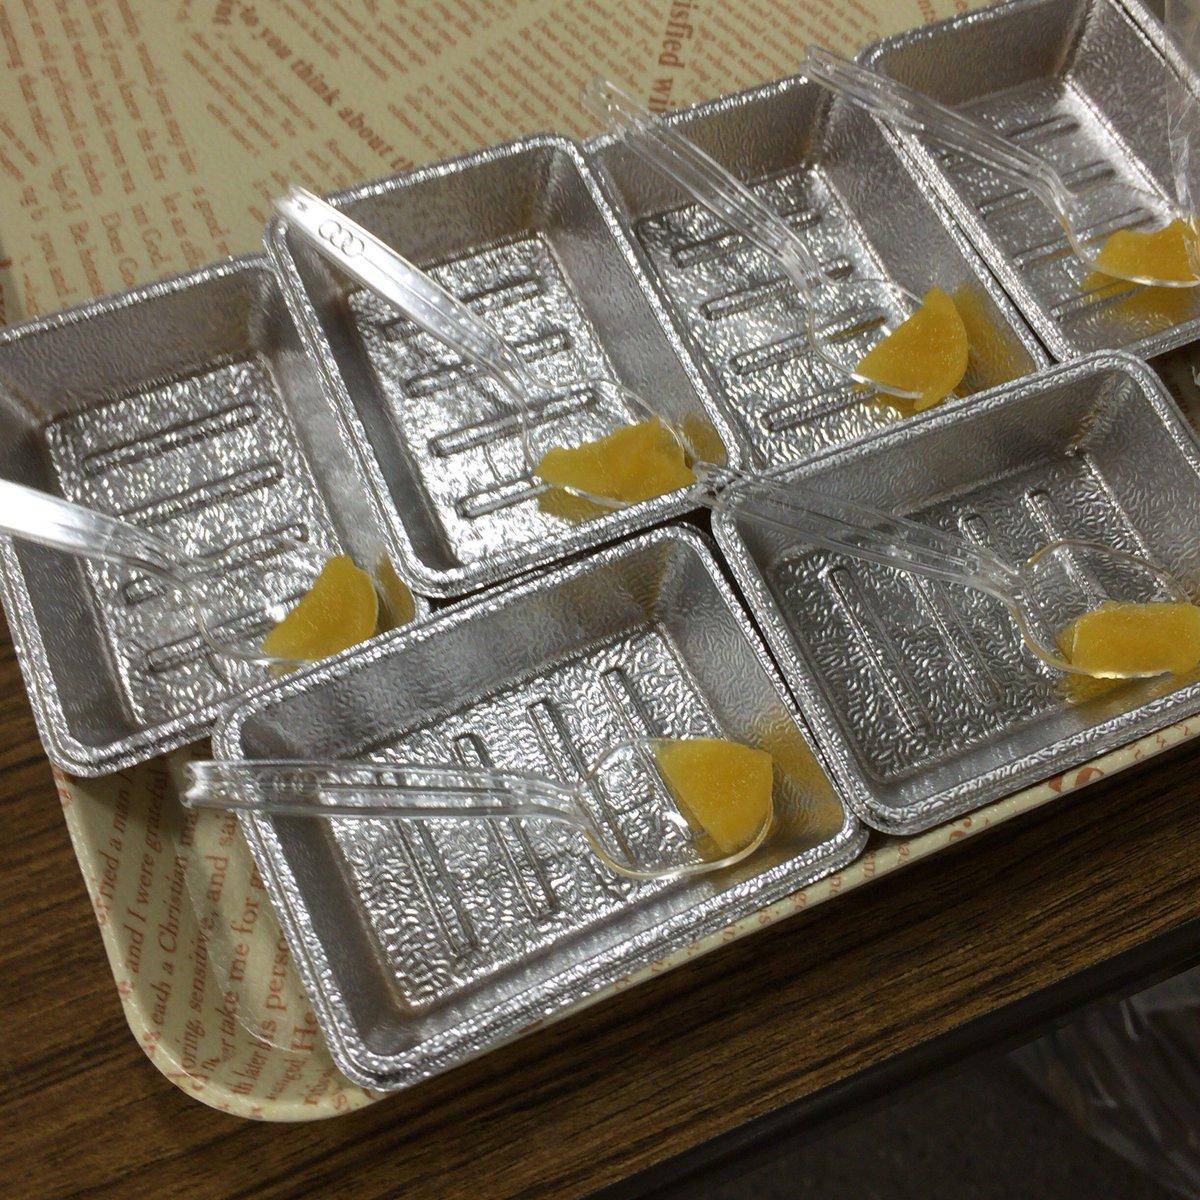 栄養科学科の給食テーマの展示物では、学校給食だけじゃなくて介護職の給食のことも。たくあんみたいな固いものが食べれないお年寄りのためにたくあんのムース。味はたくあんそのもの。 https://t.co/Ty9u6o2Yyb